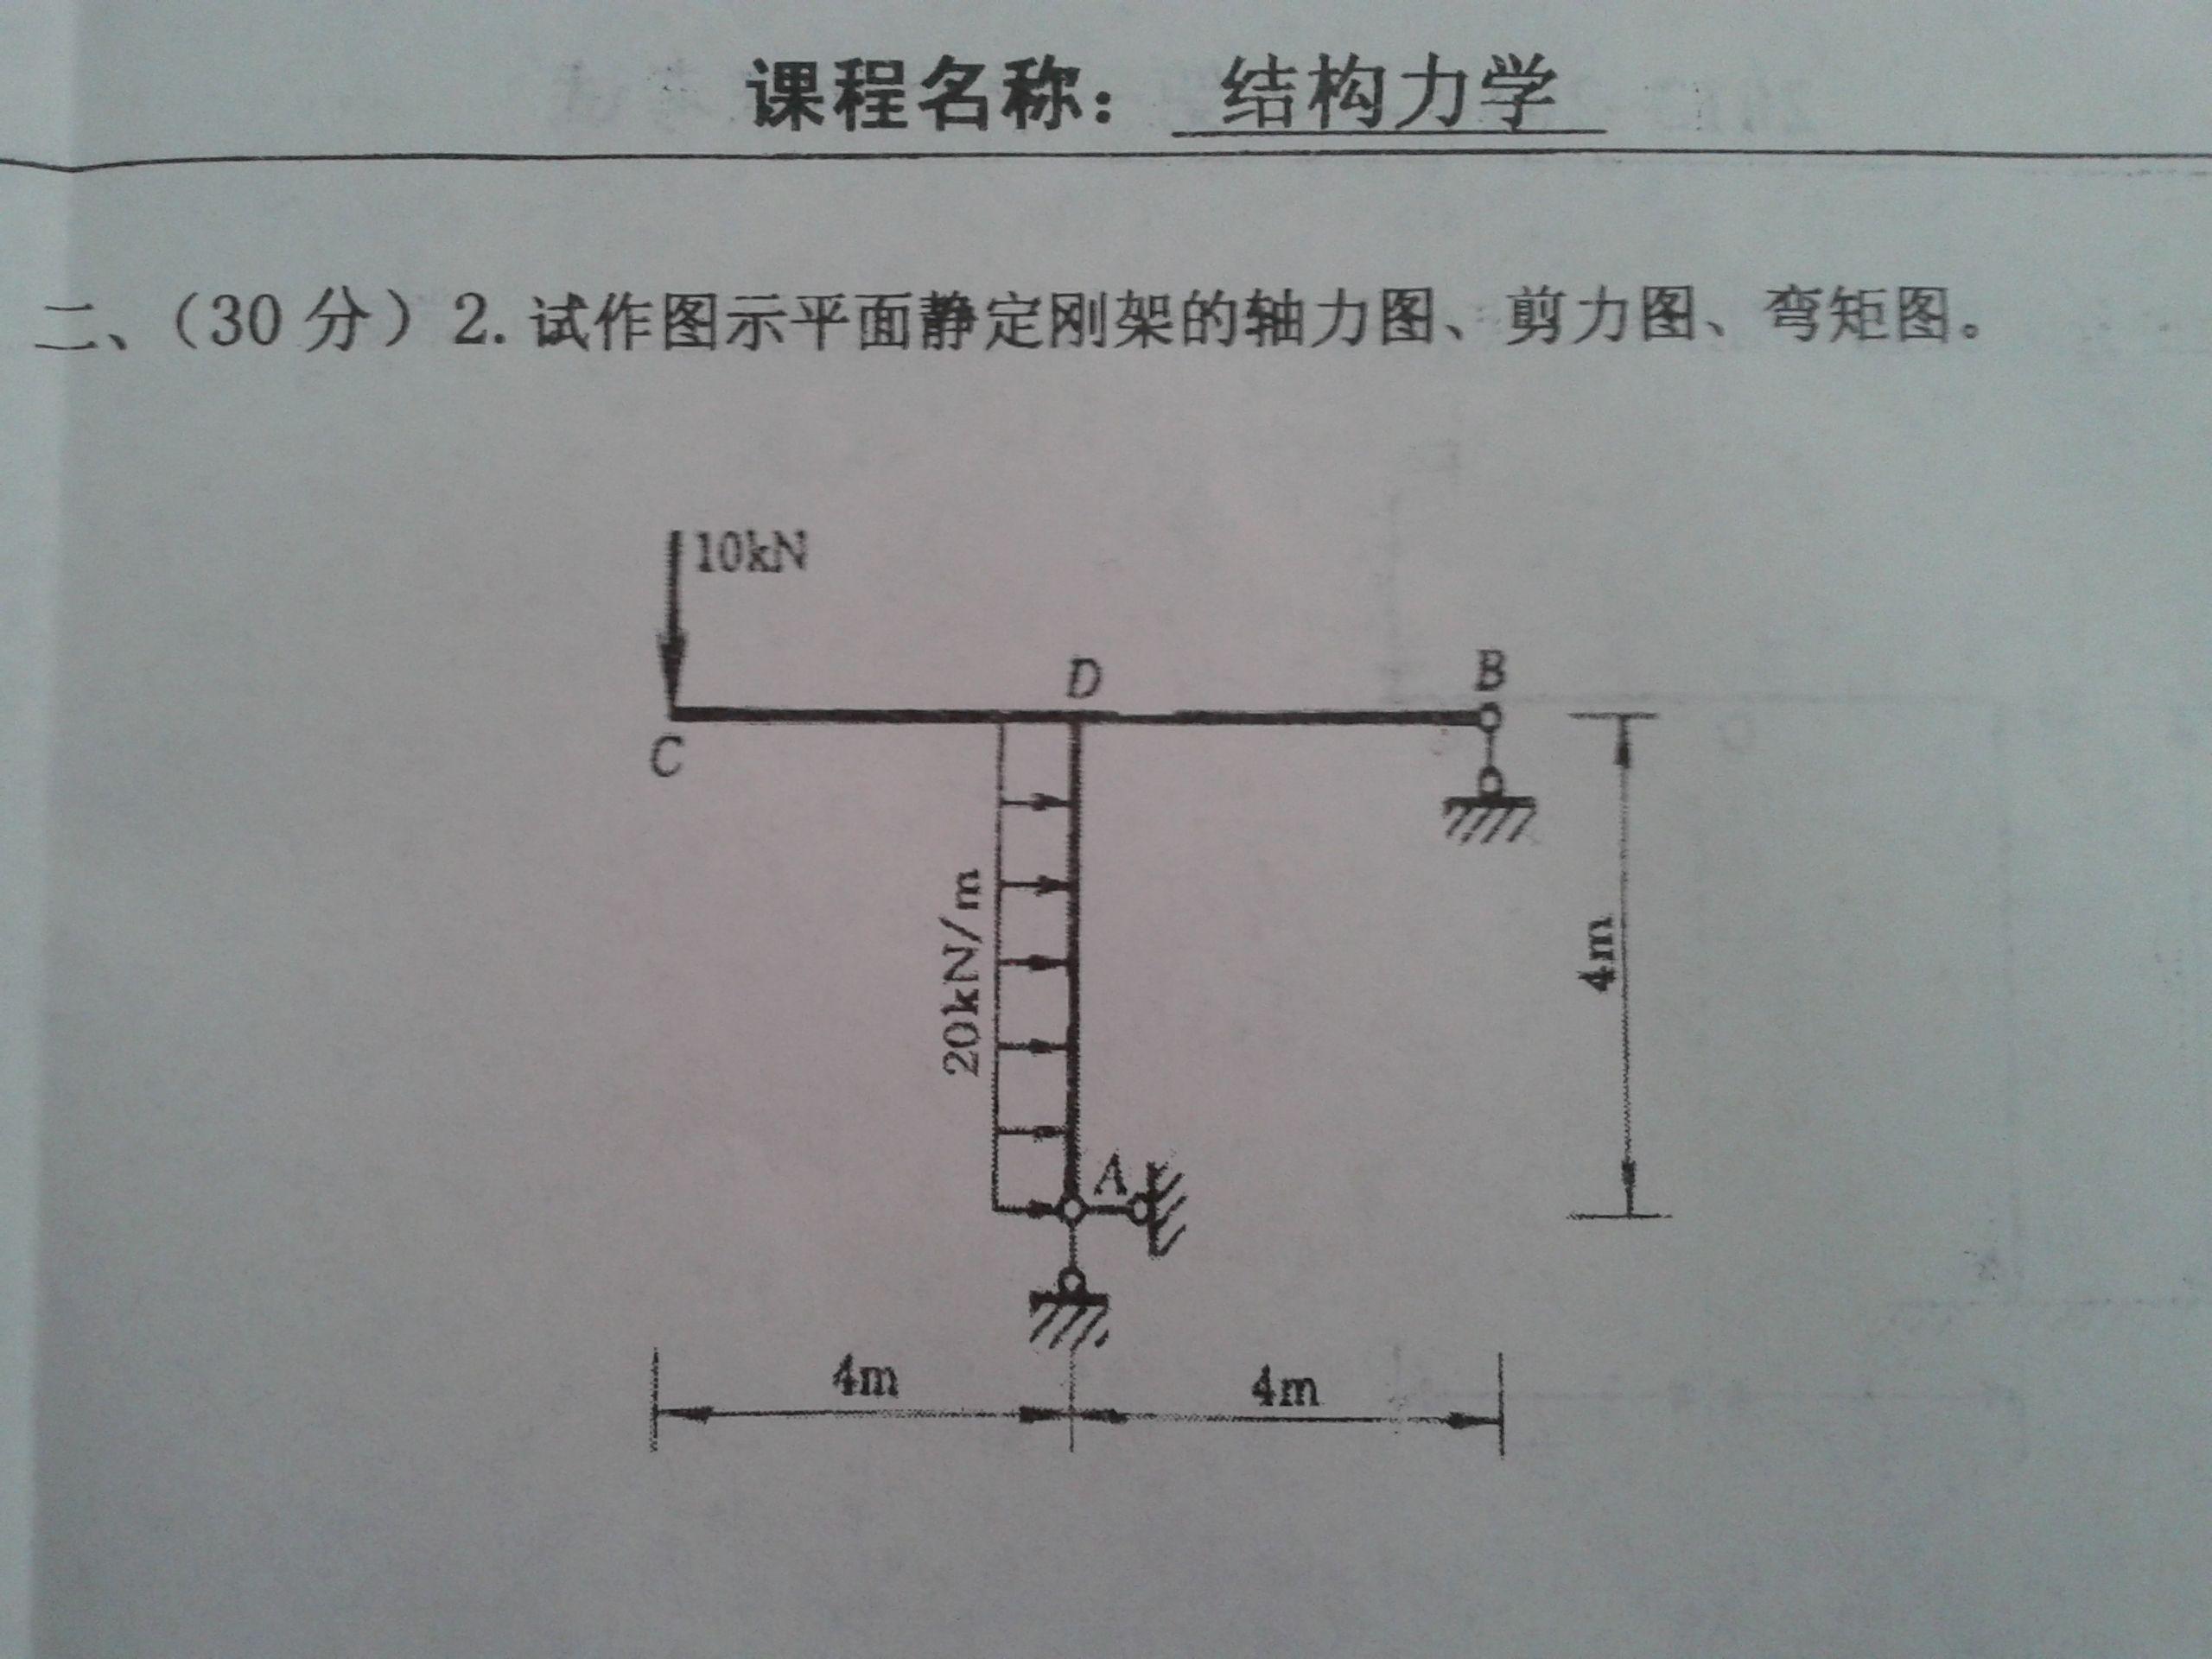 静定刚架题_试作图示平面静定刚架的轴力图,剪力图,弯矩图.